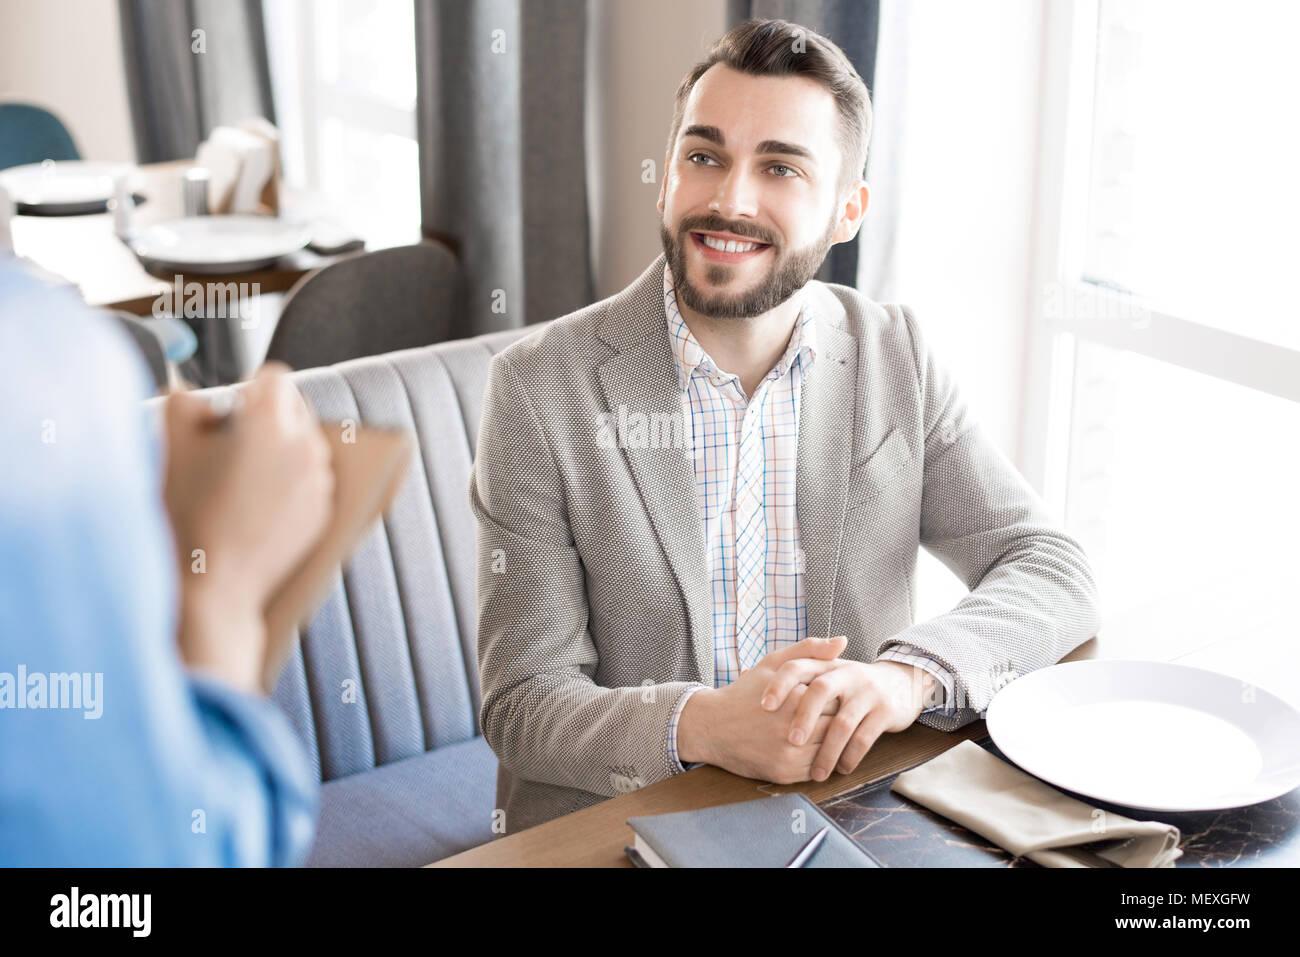 Imprenditore allegro facendo ordine in ristorante Immagini Stock